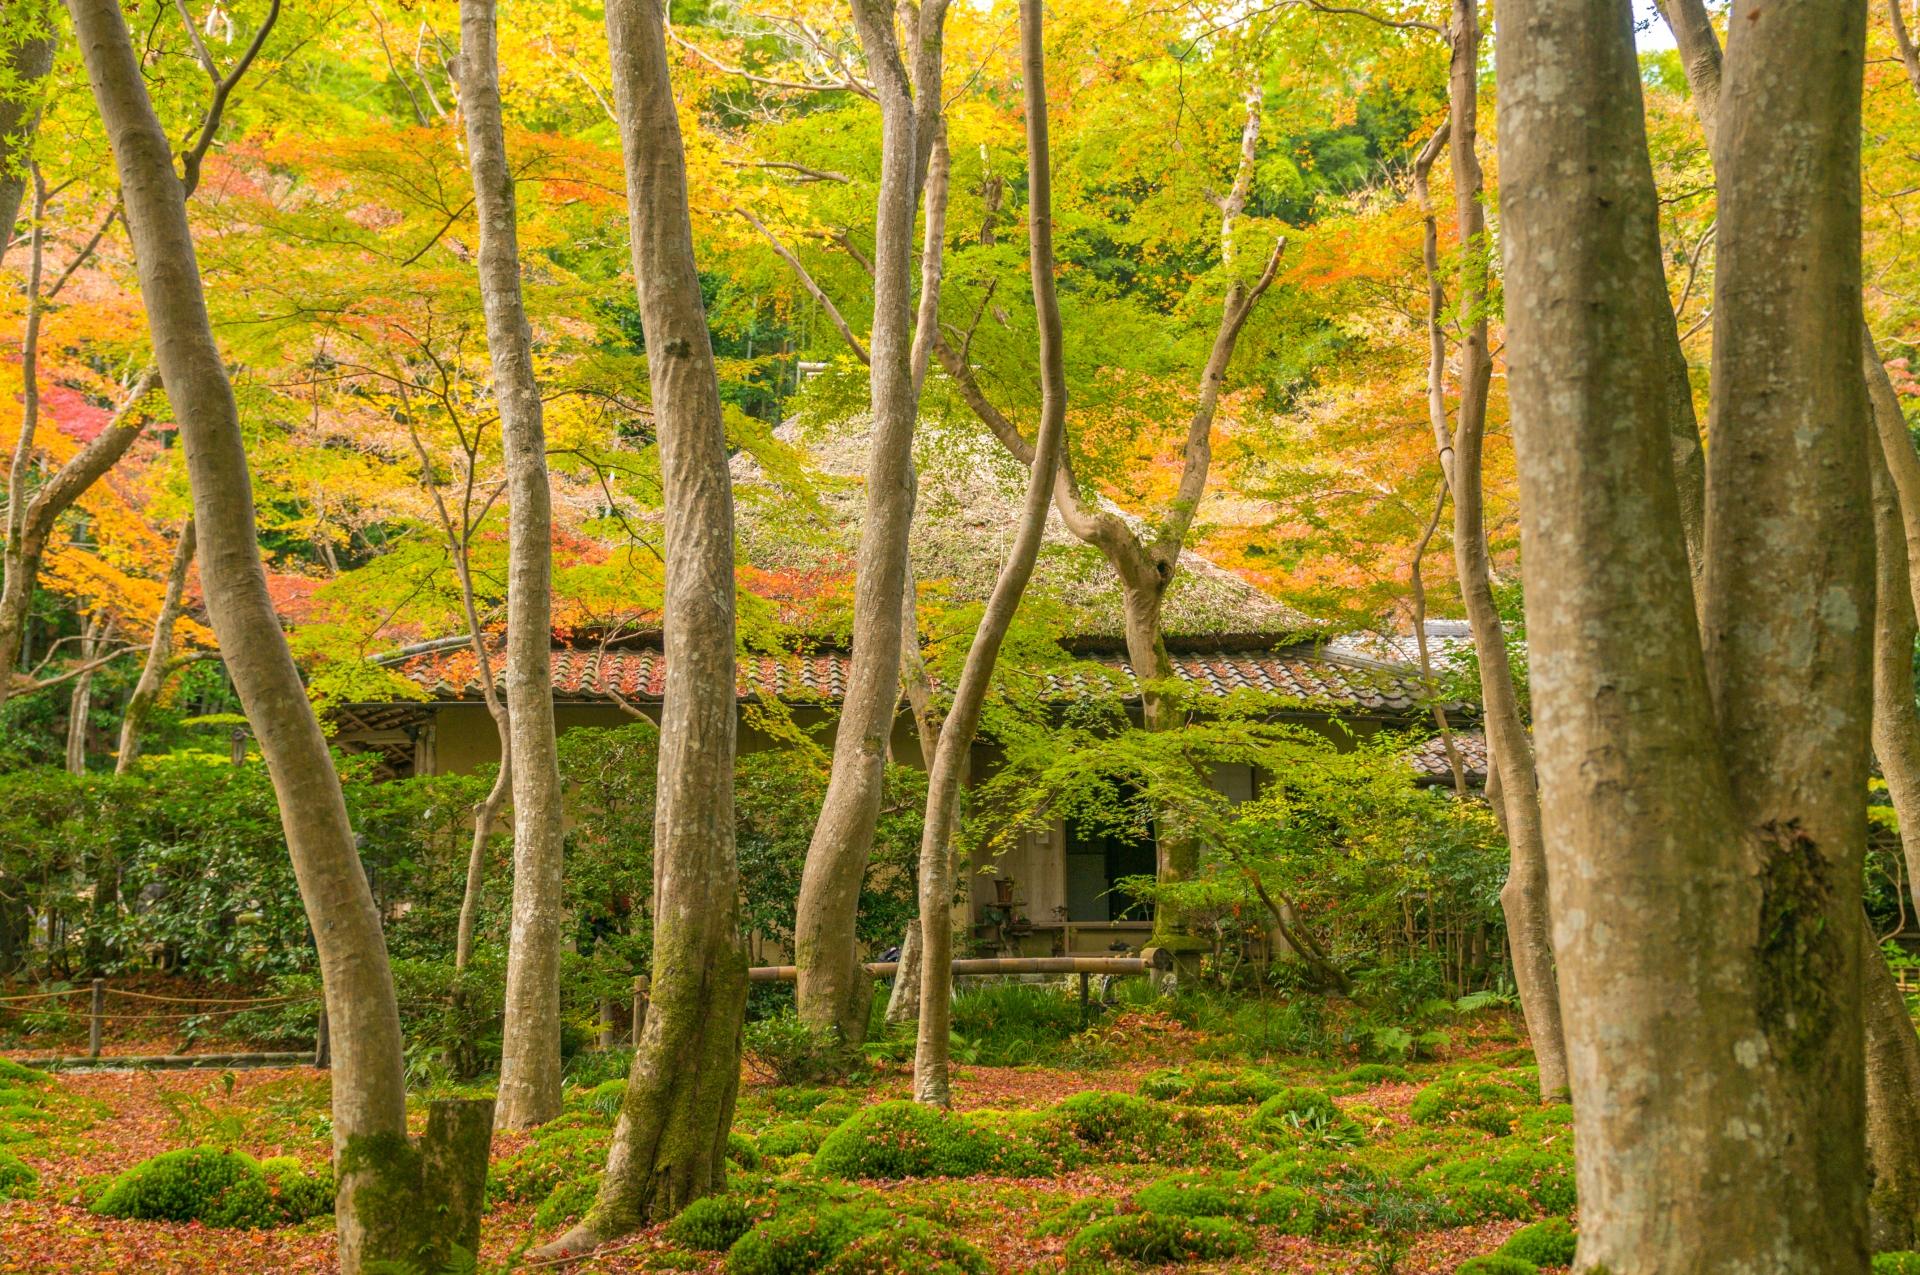 祇王寺の苔や落ち紅葉など見どころやアクセス